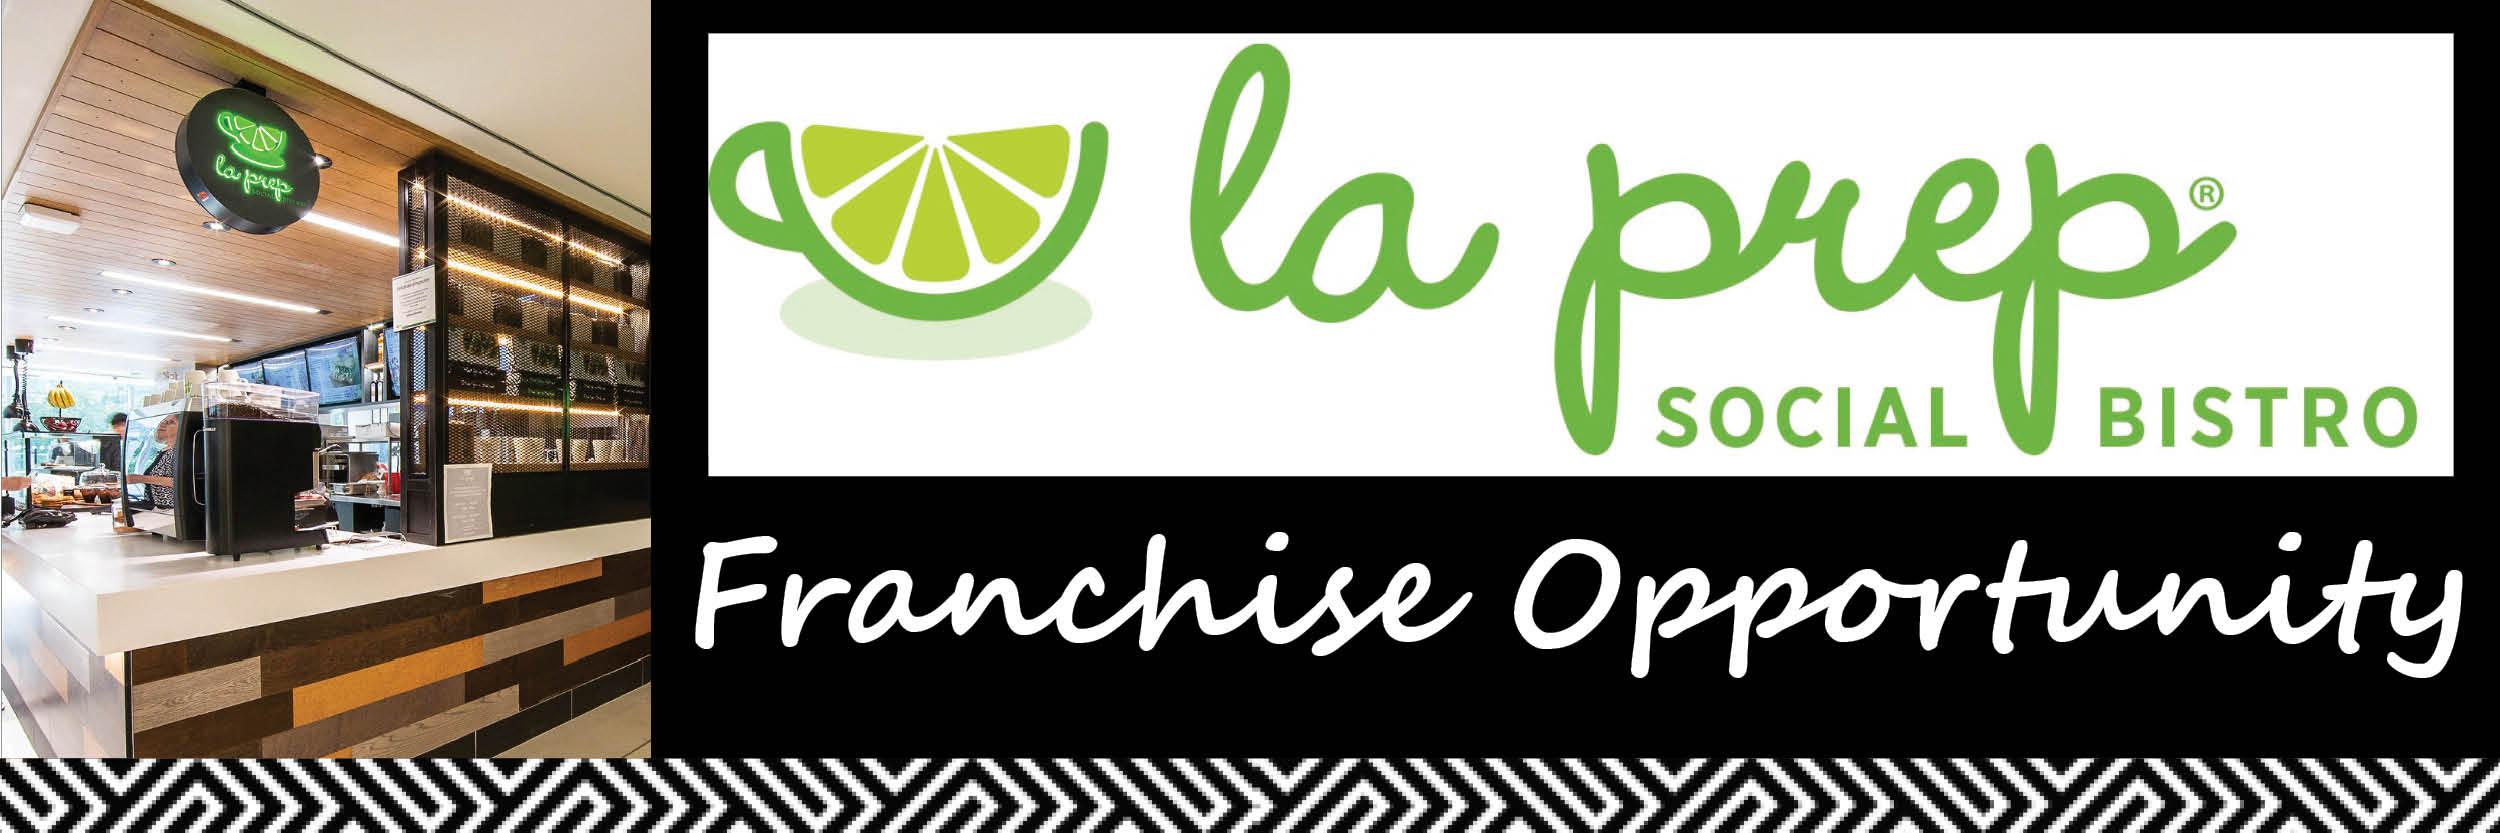 La Prep Restaurant Franchise Opportunities